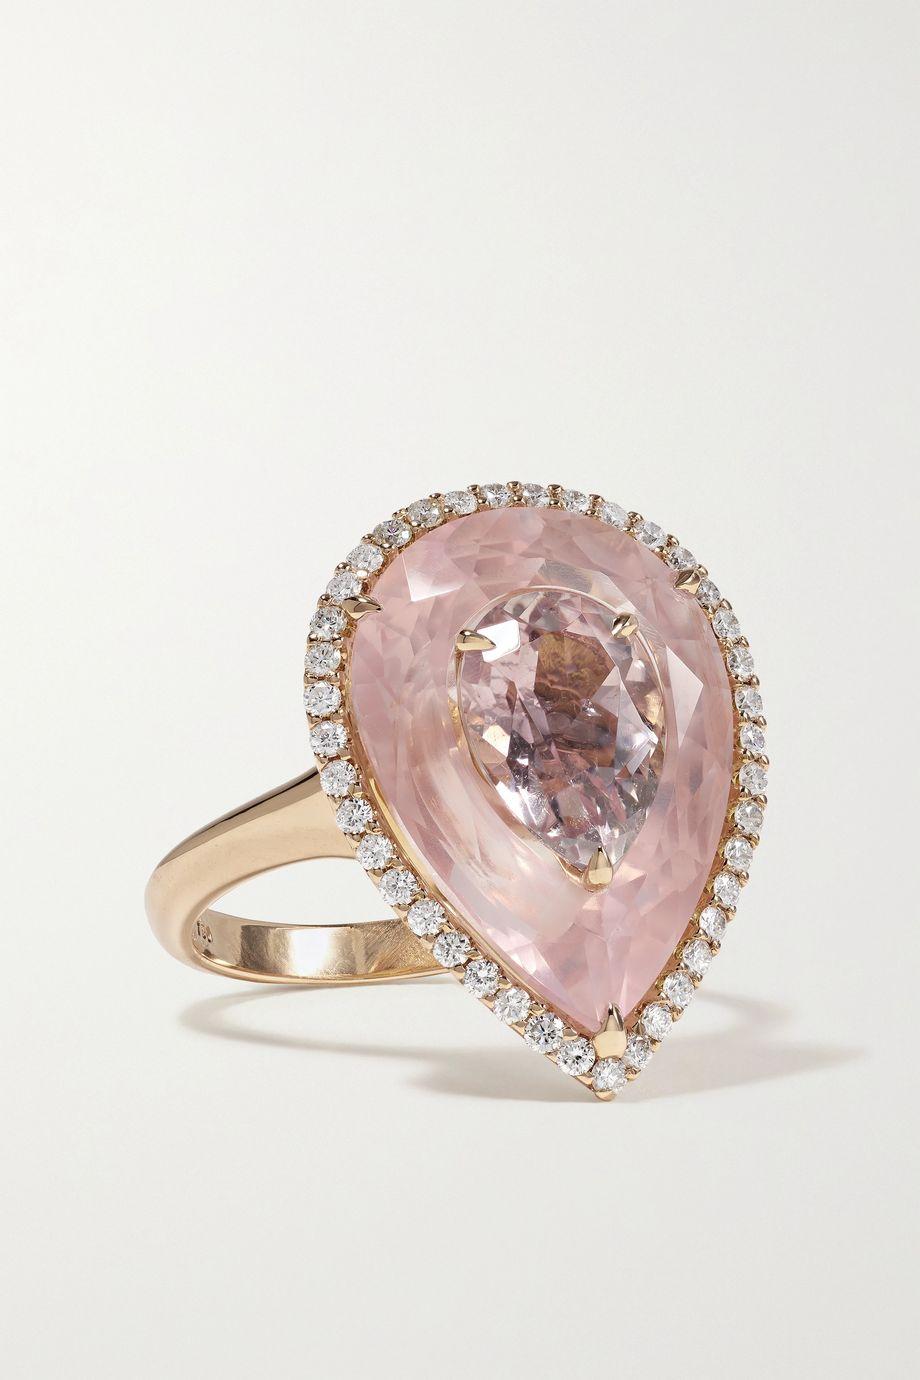 Boghossian 18-karat rose gold, morganite and diamond ring